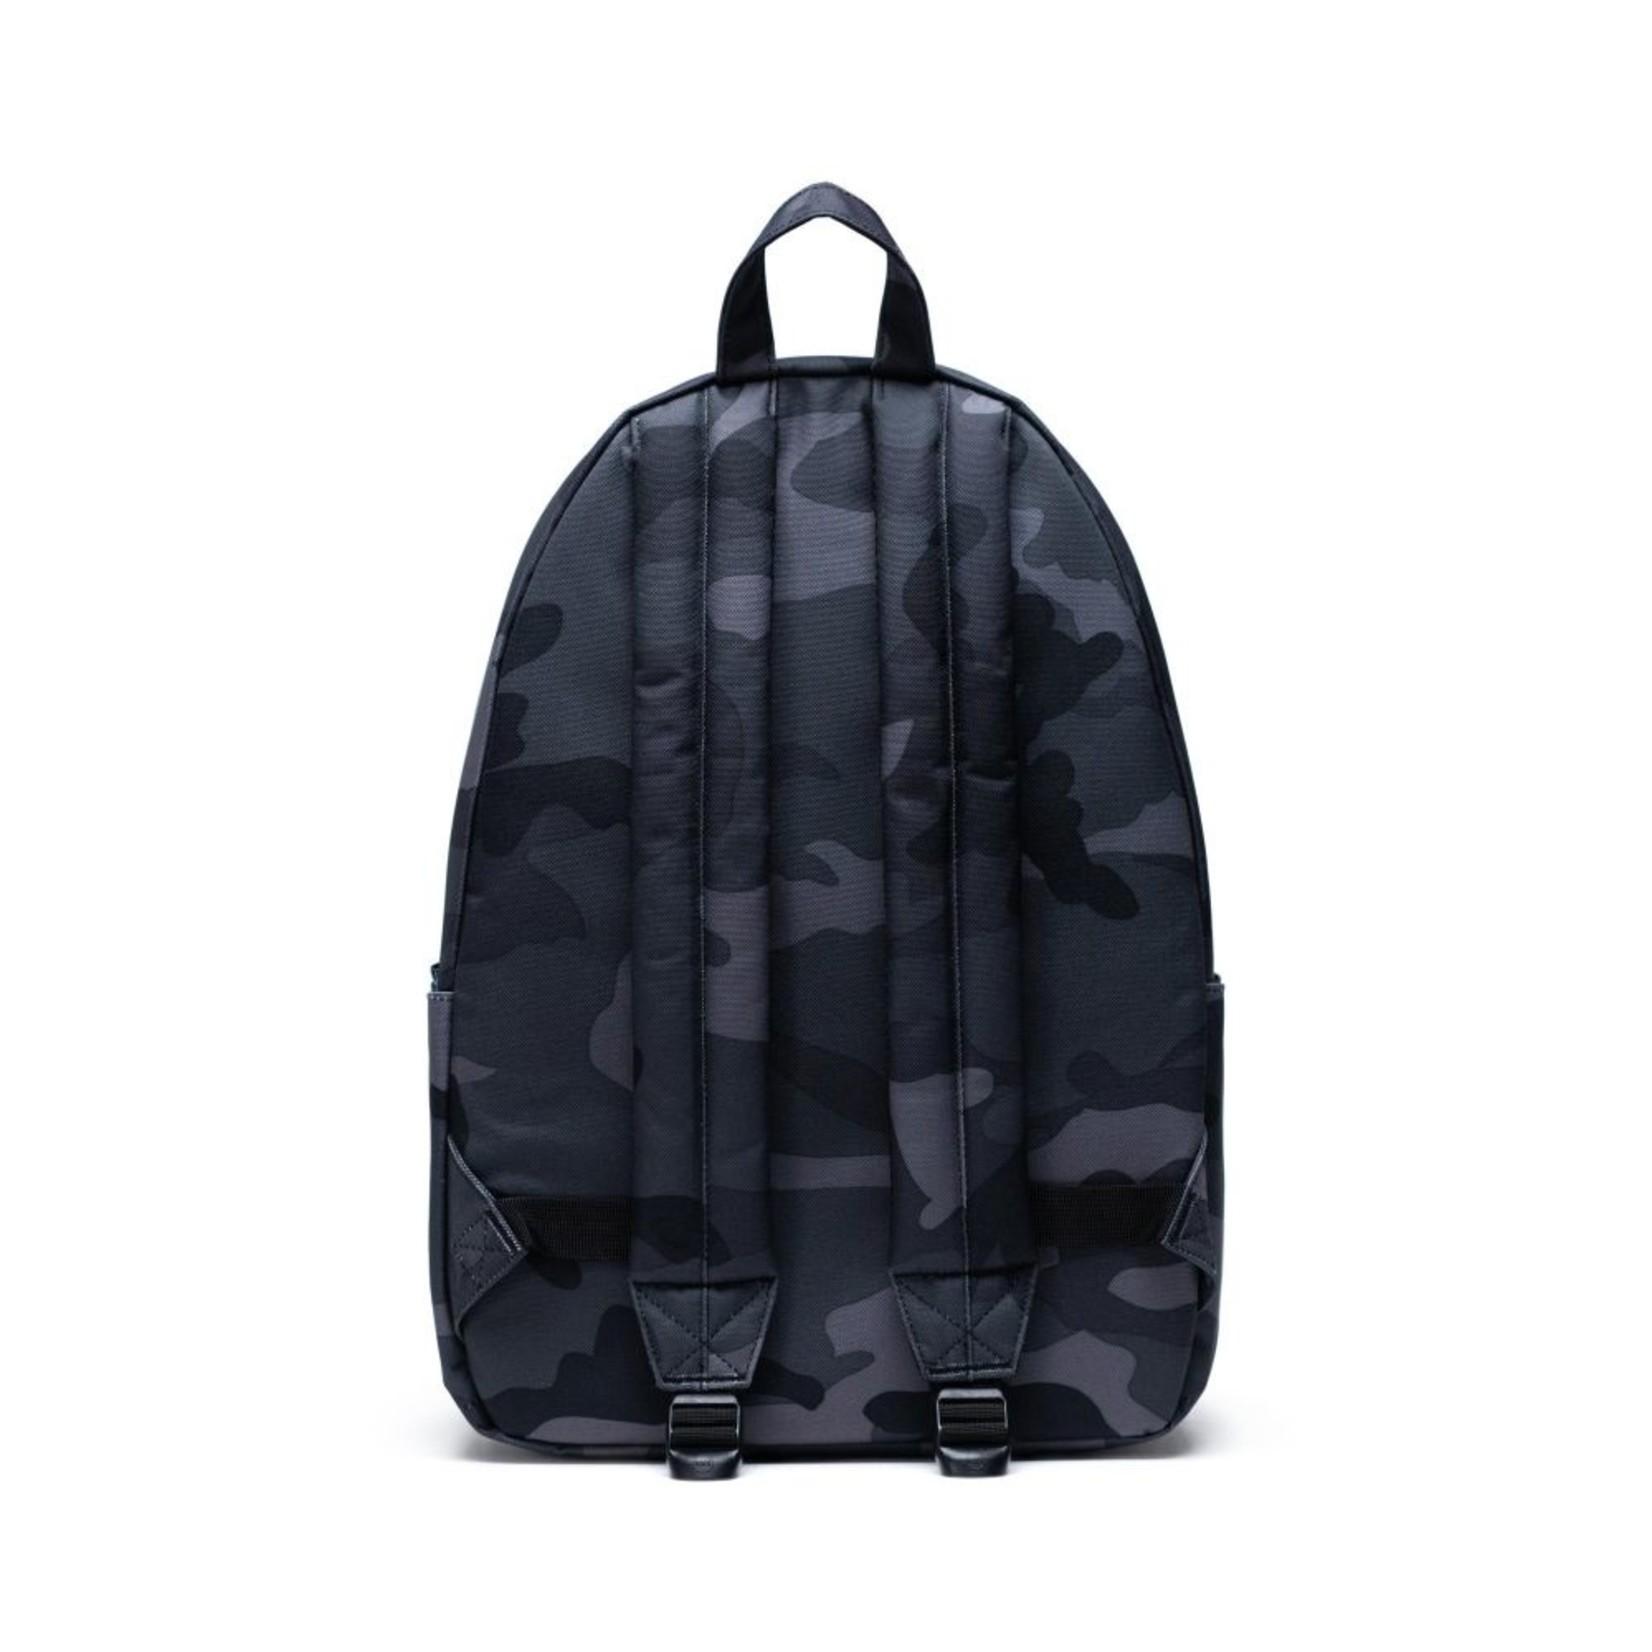 Herschel Supply CO. Herschel Heritage Backpack